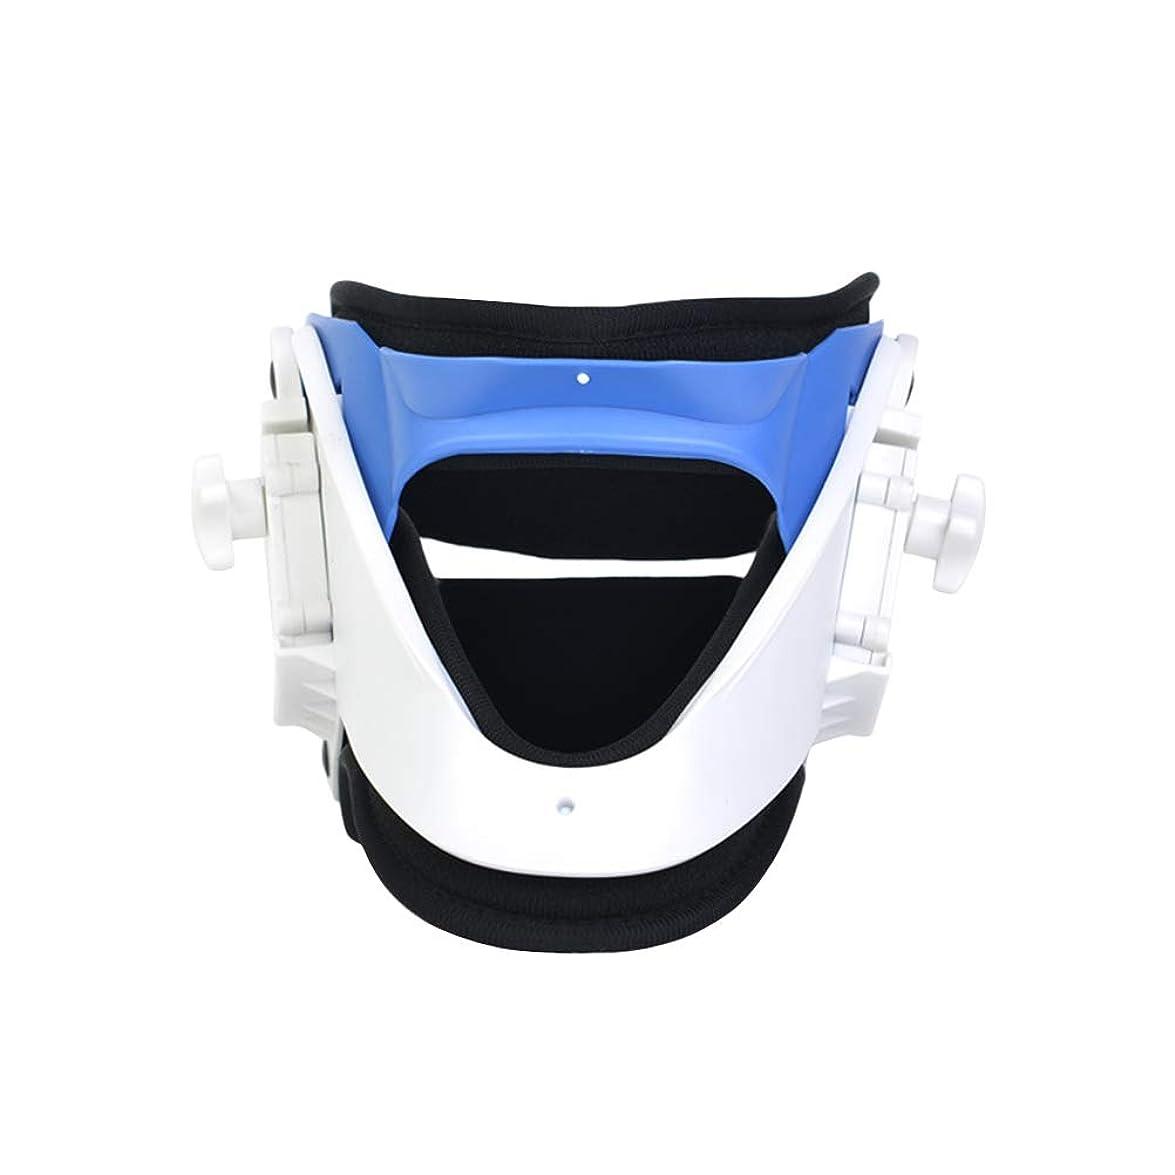 偽善者リボンアプトHealifty堅い首の苦痛救助の傷害回復のための通気性の首サポート支柱調節可能な頚部つば